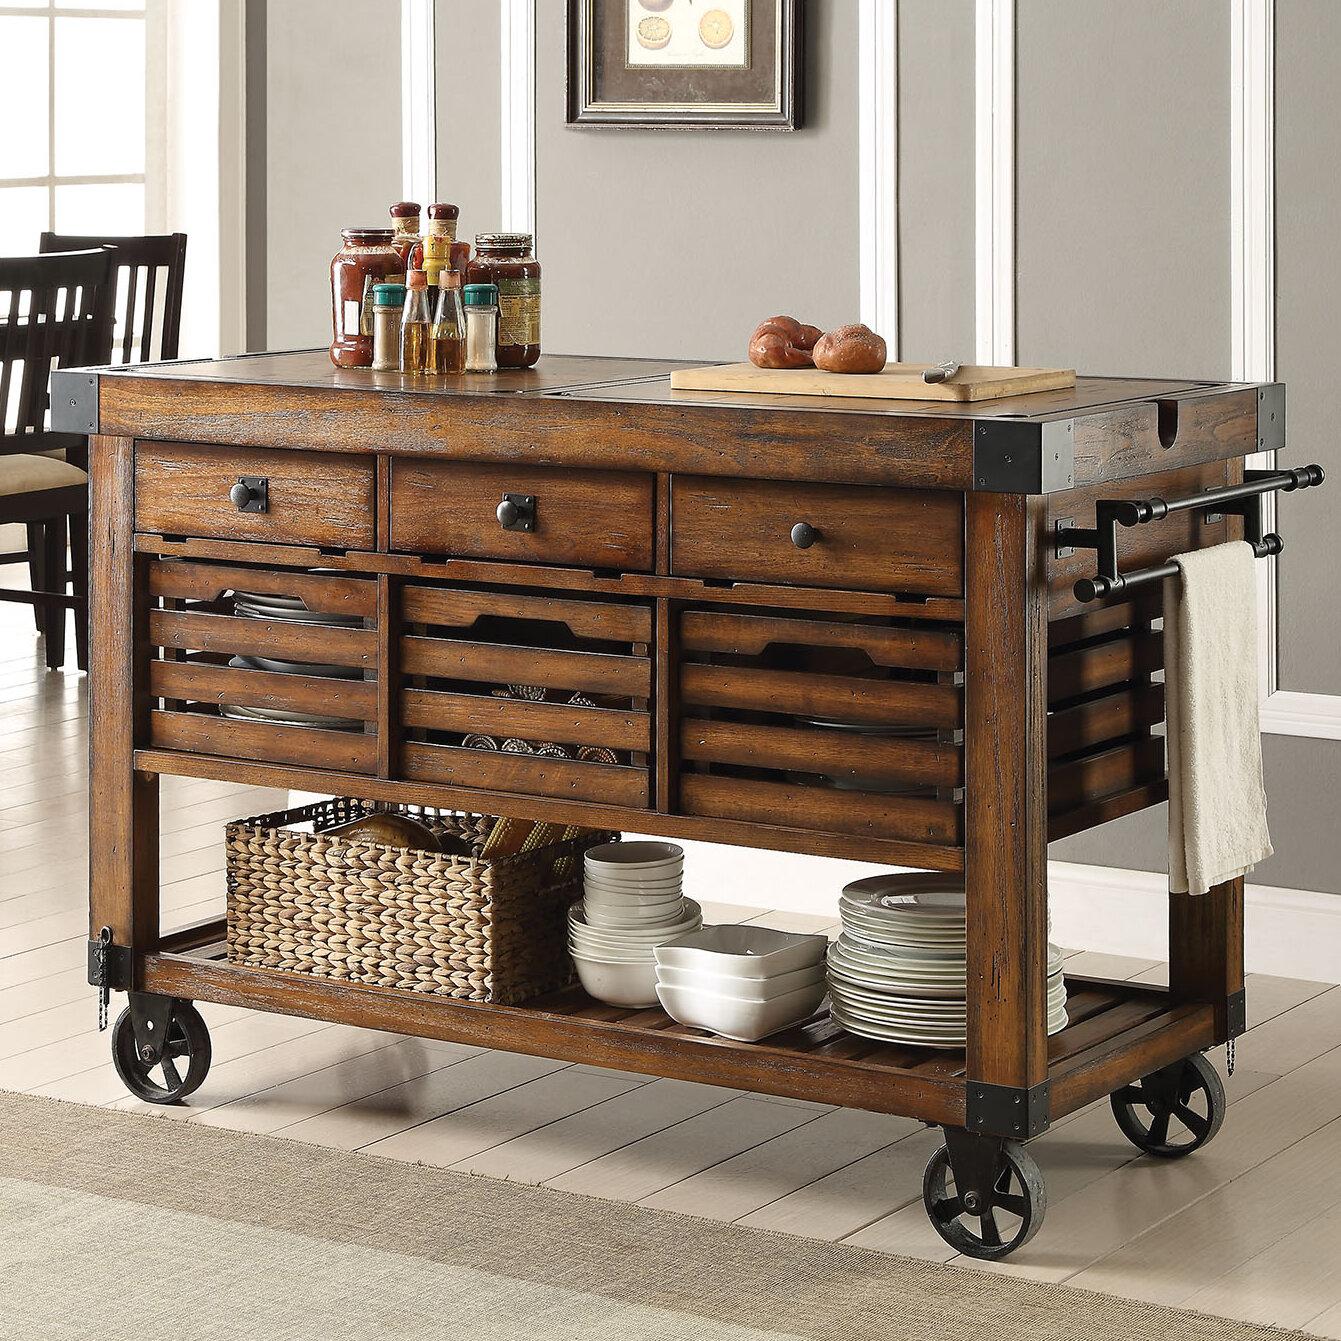 Williston Forge Lydd Kitchen Cart & Reviews | Wayfair